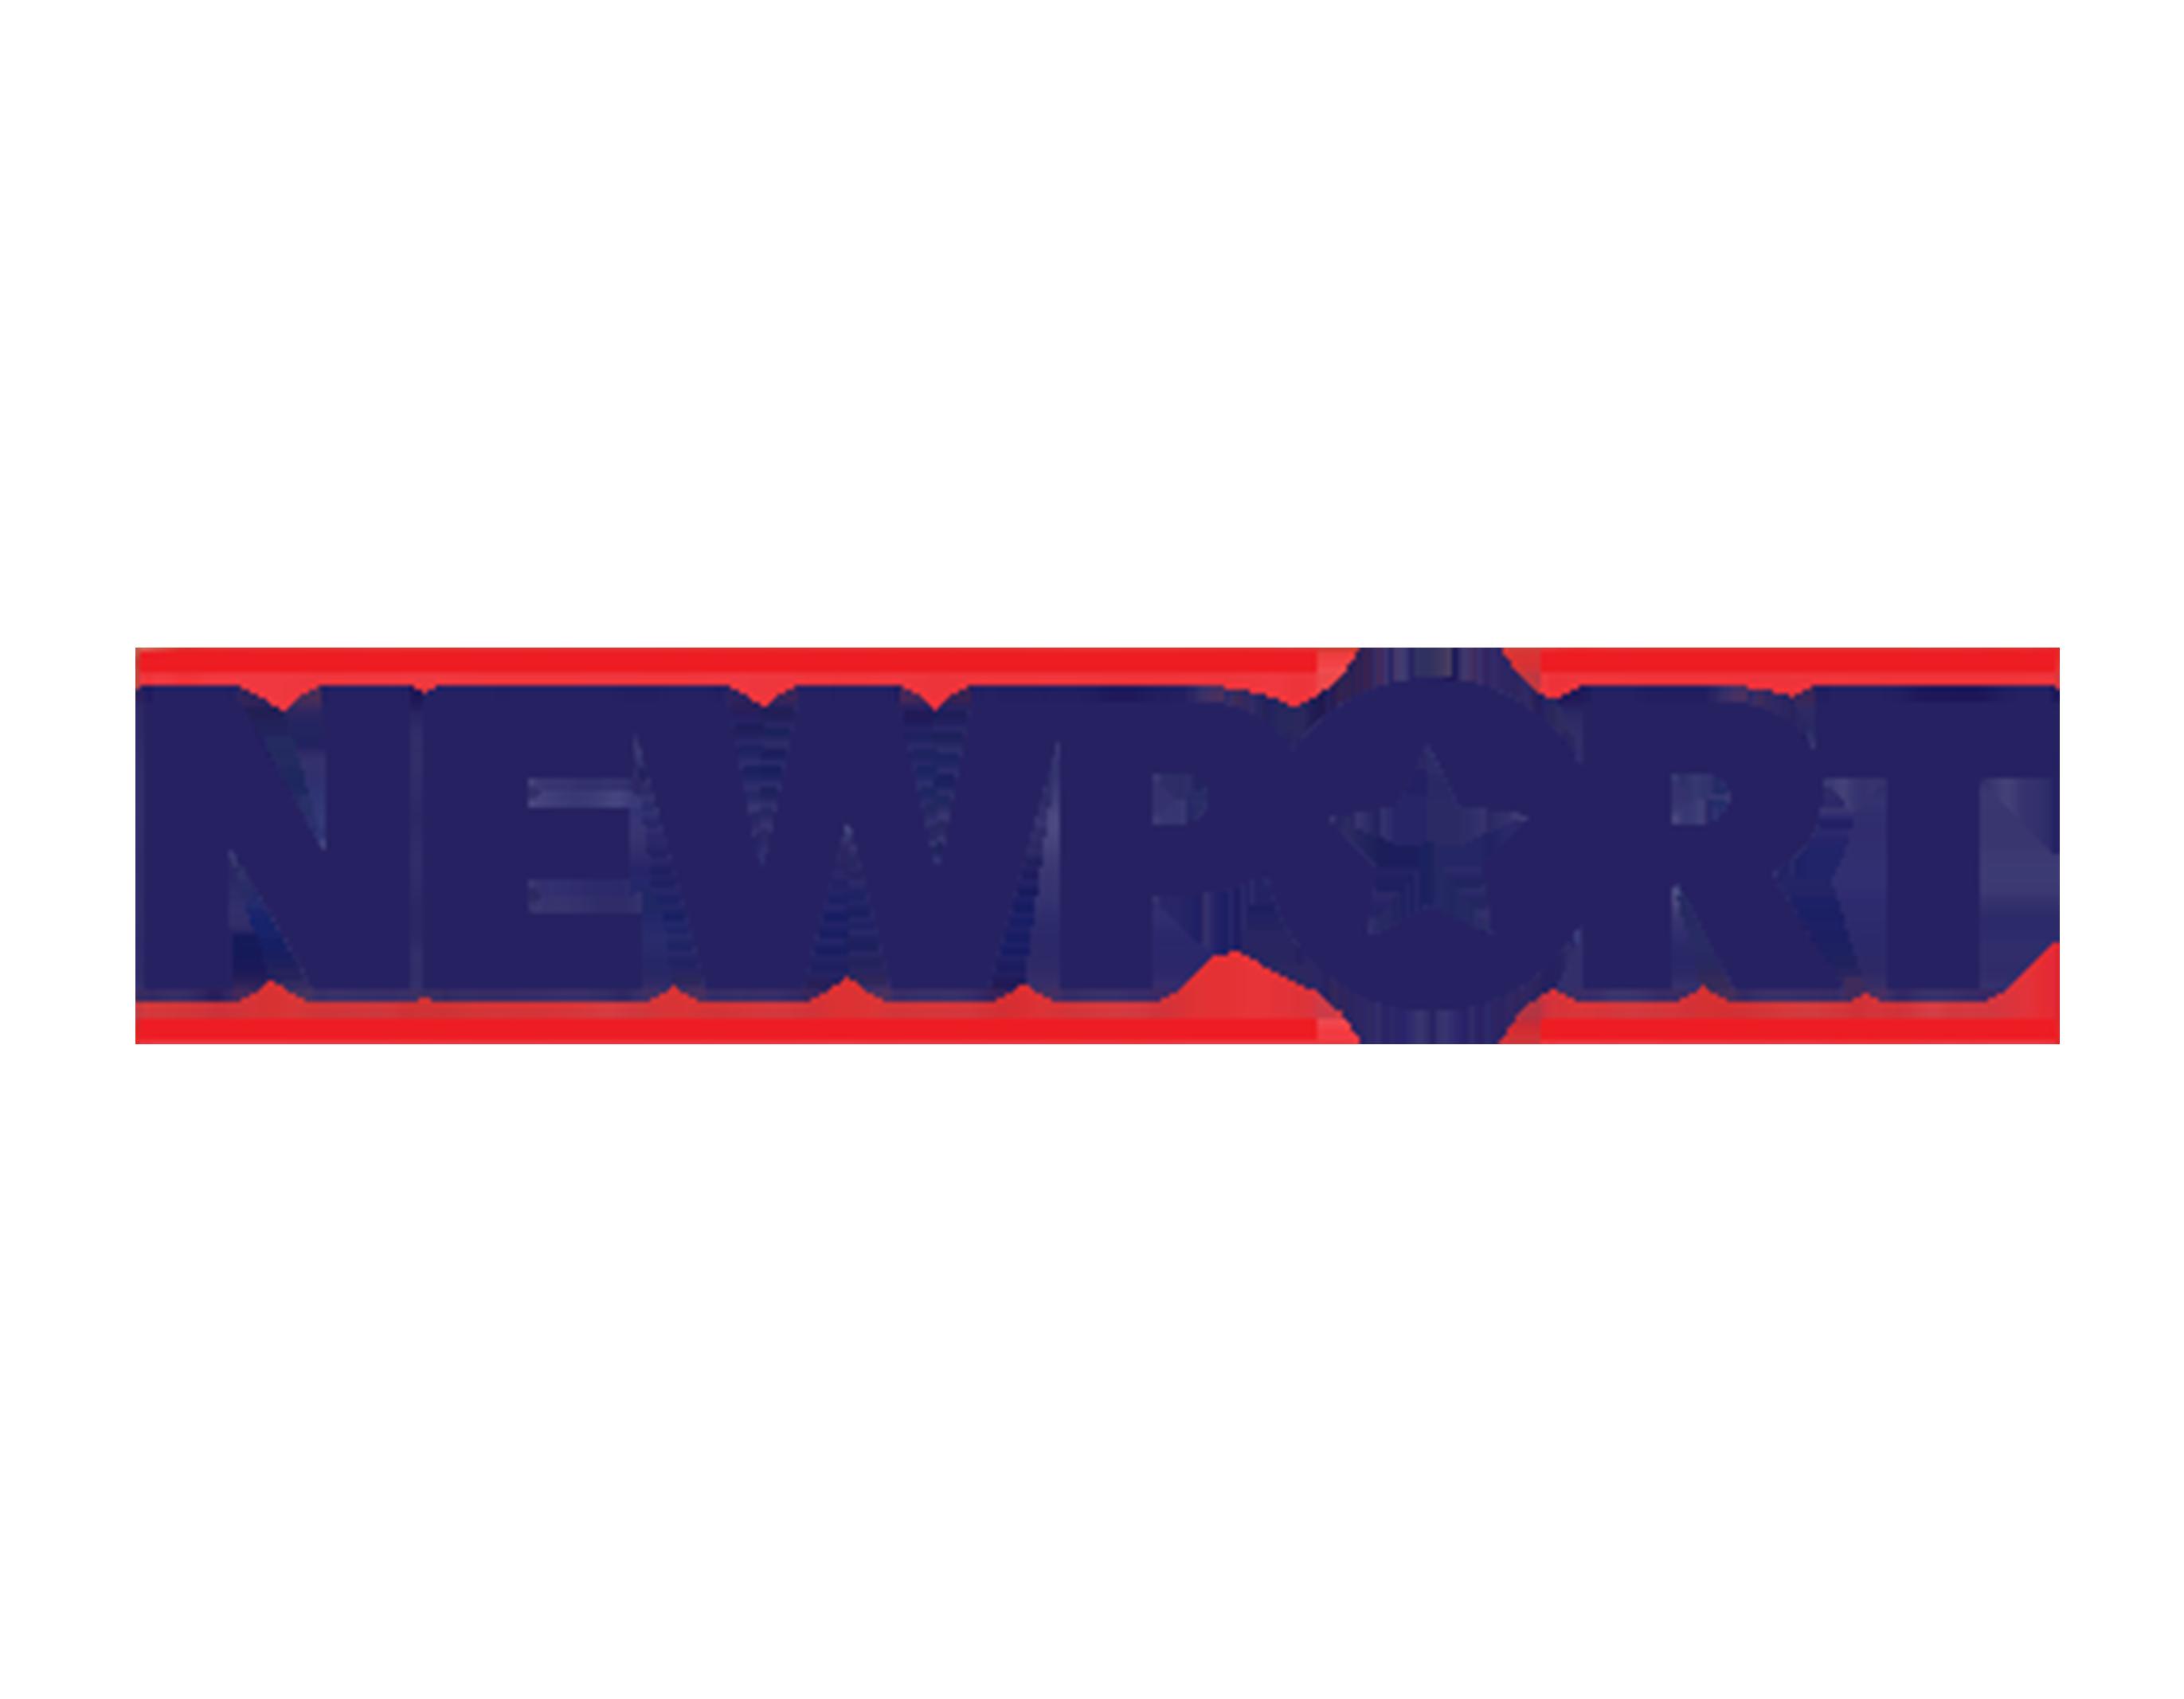 Newport 1